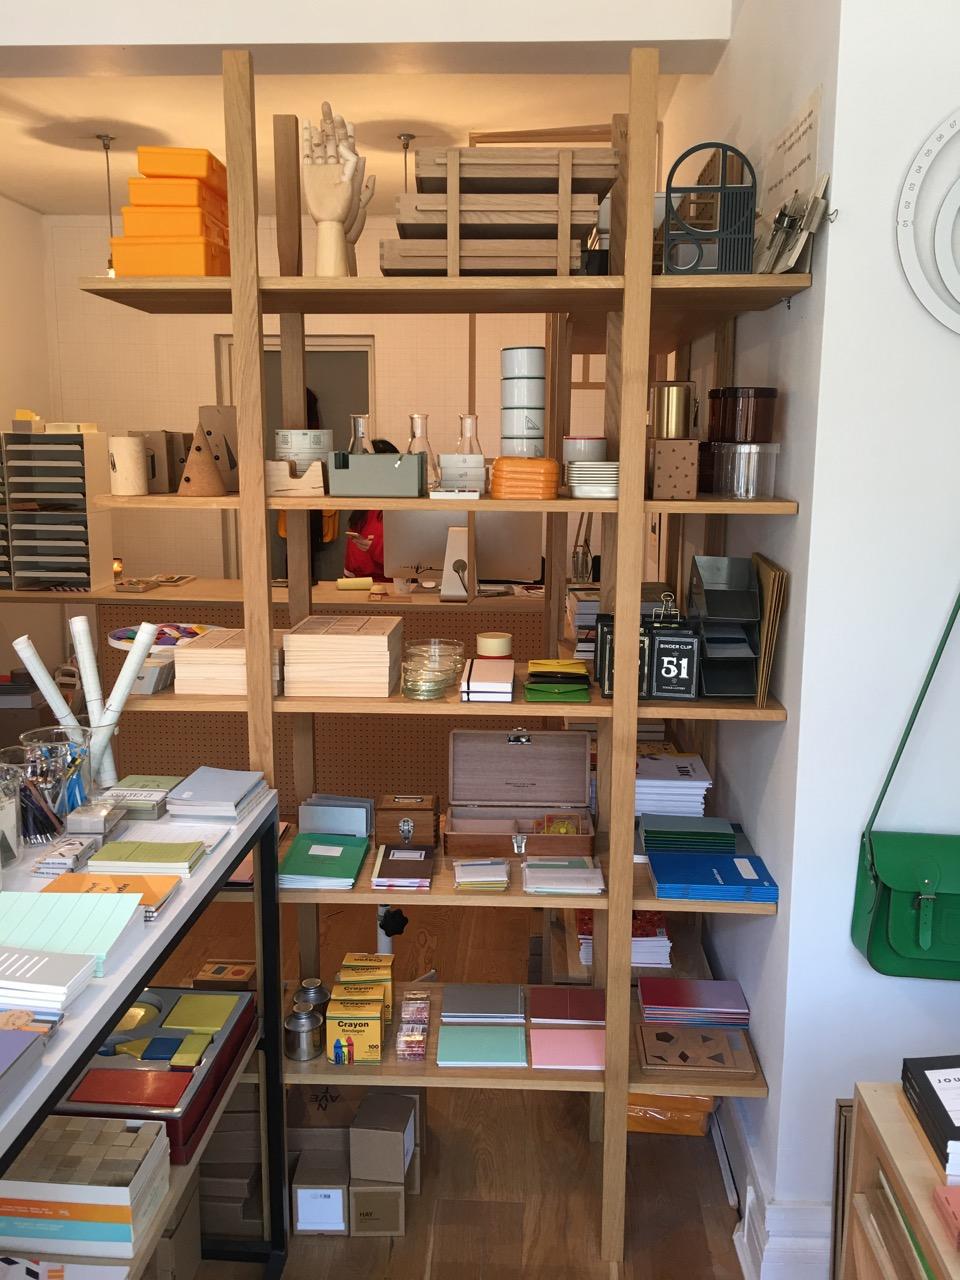 Held Küchen großartig peaceful ideas held küchen fotos die schlafzimmerideen